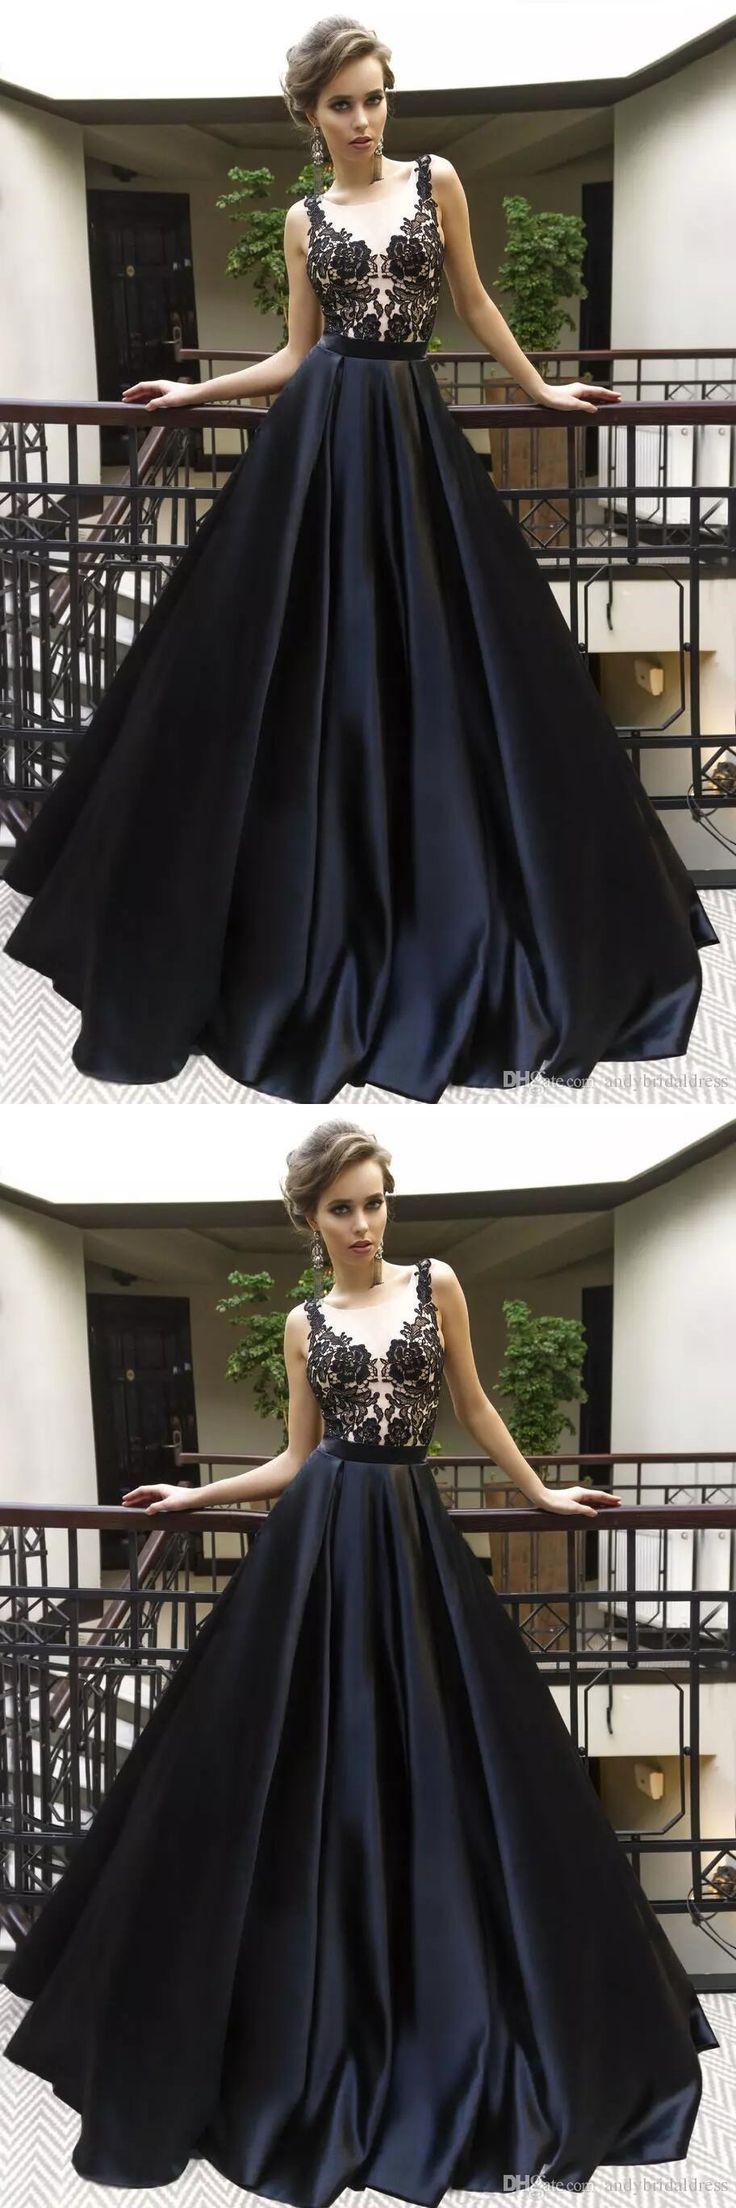 Schwarz Prom Dress 17, Abendkleider, Abendkleid, Abschlussfeier